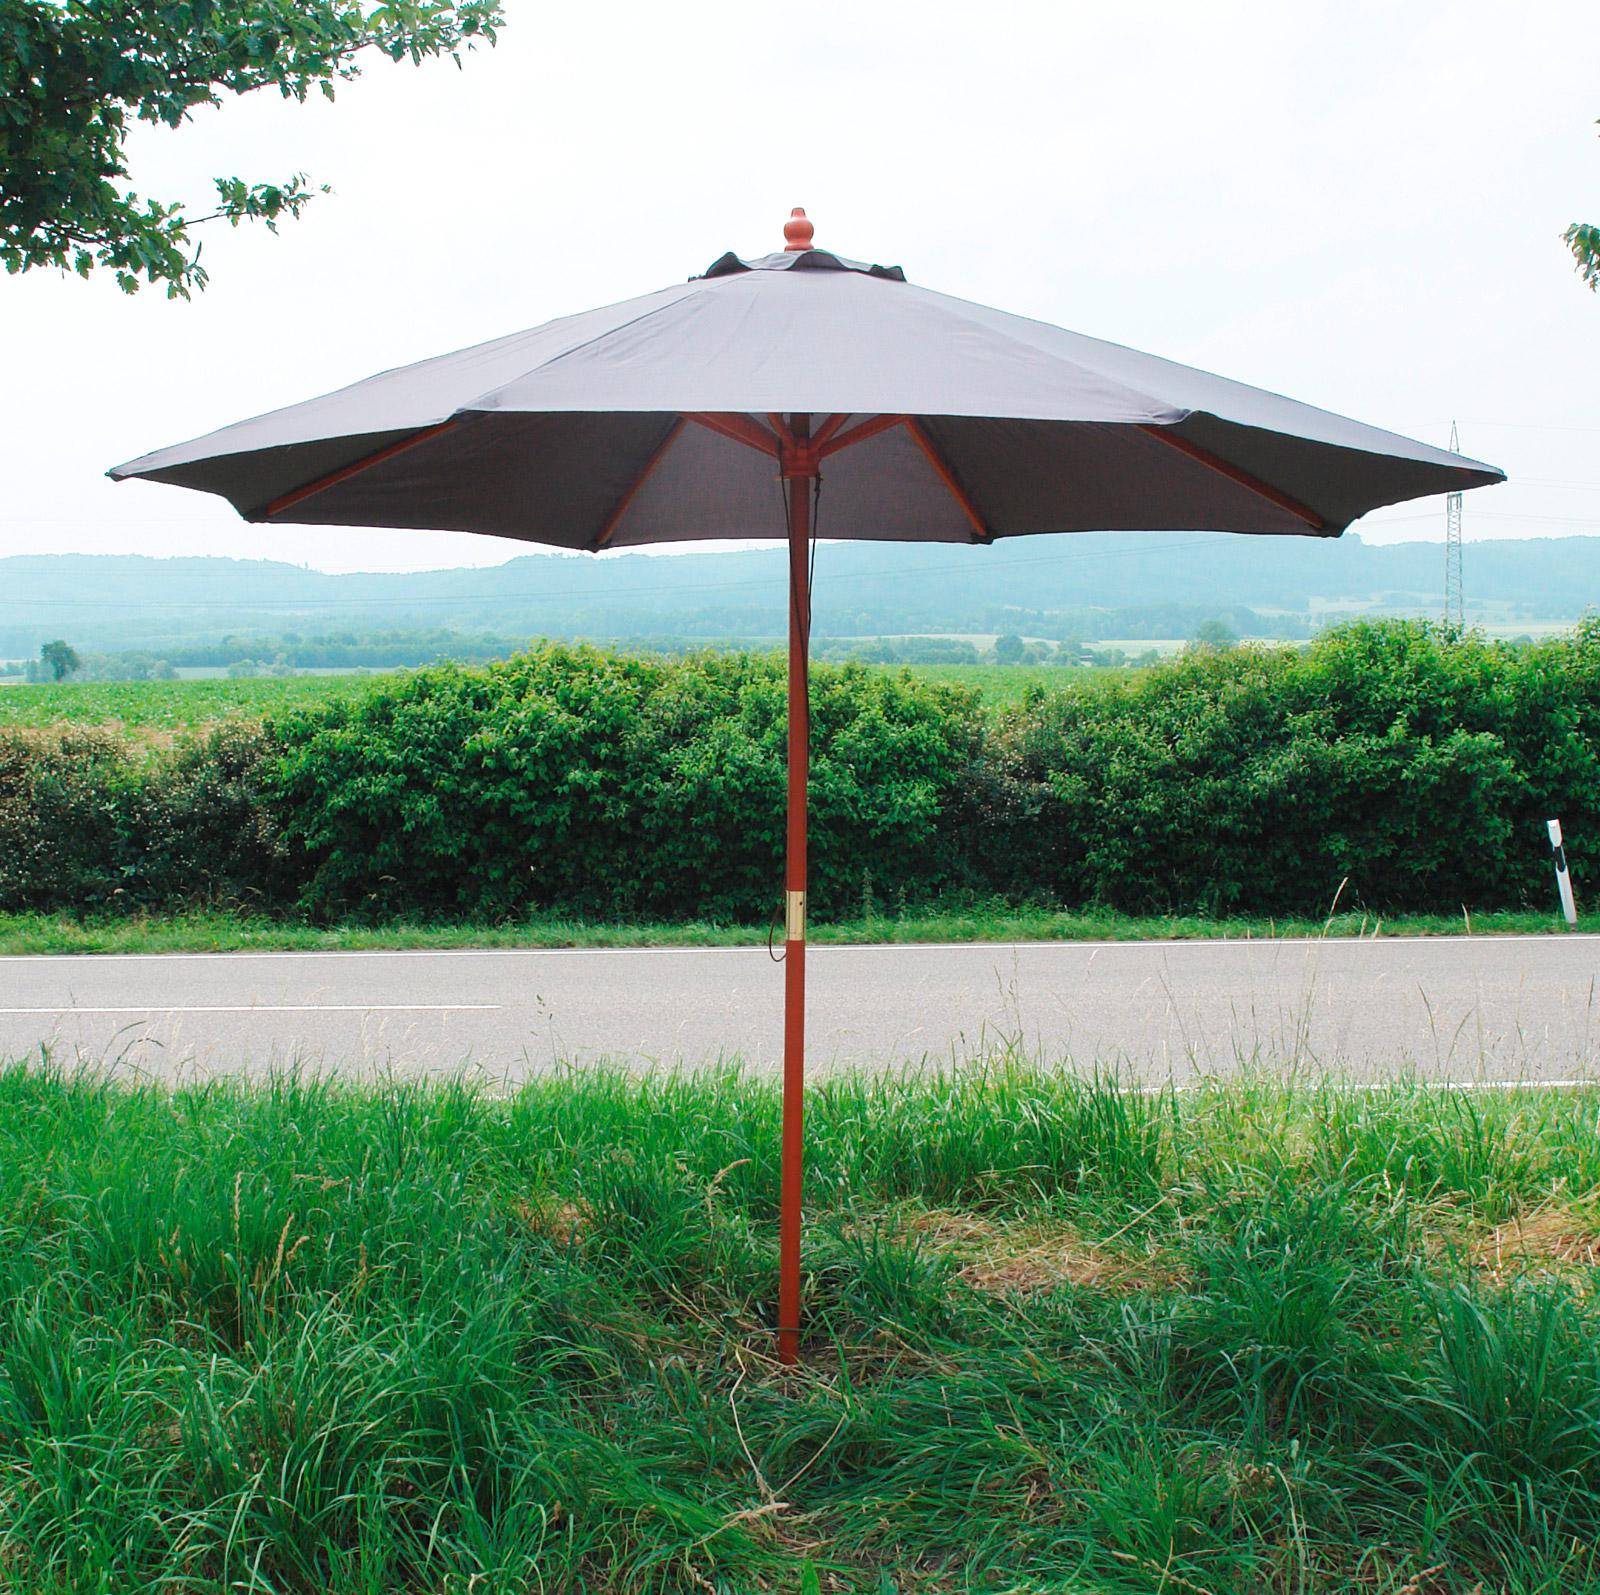 911926 holz sonnenschirm sonnenschutz gartenschirm schirm grau 2 7m ebay. Black Bedroom Furniture Sets. Home Design Ideas